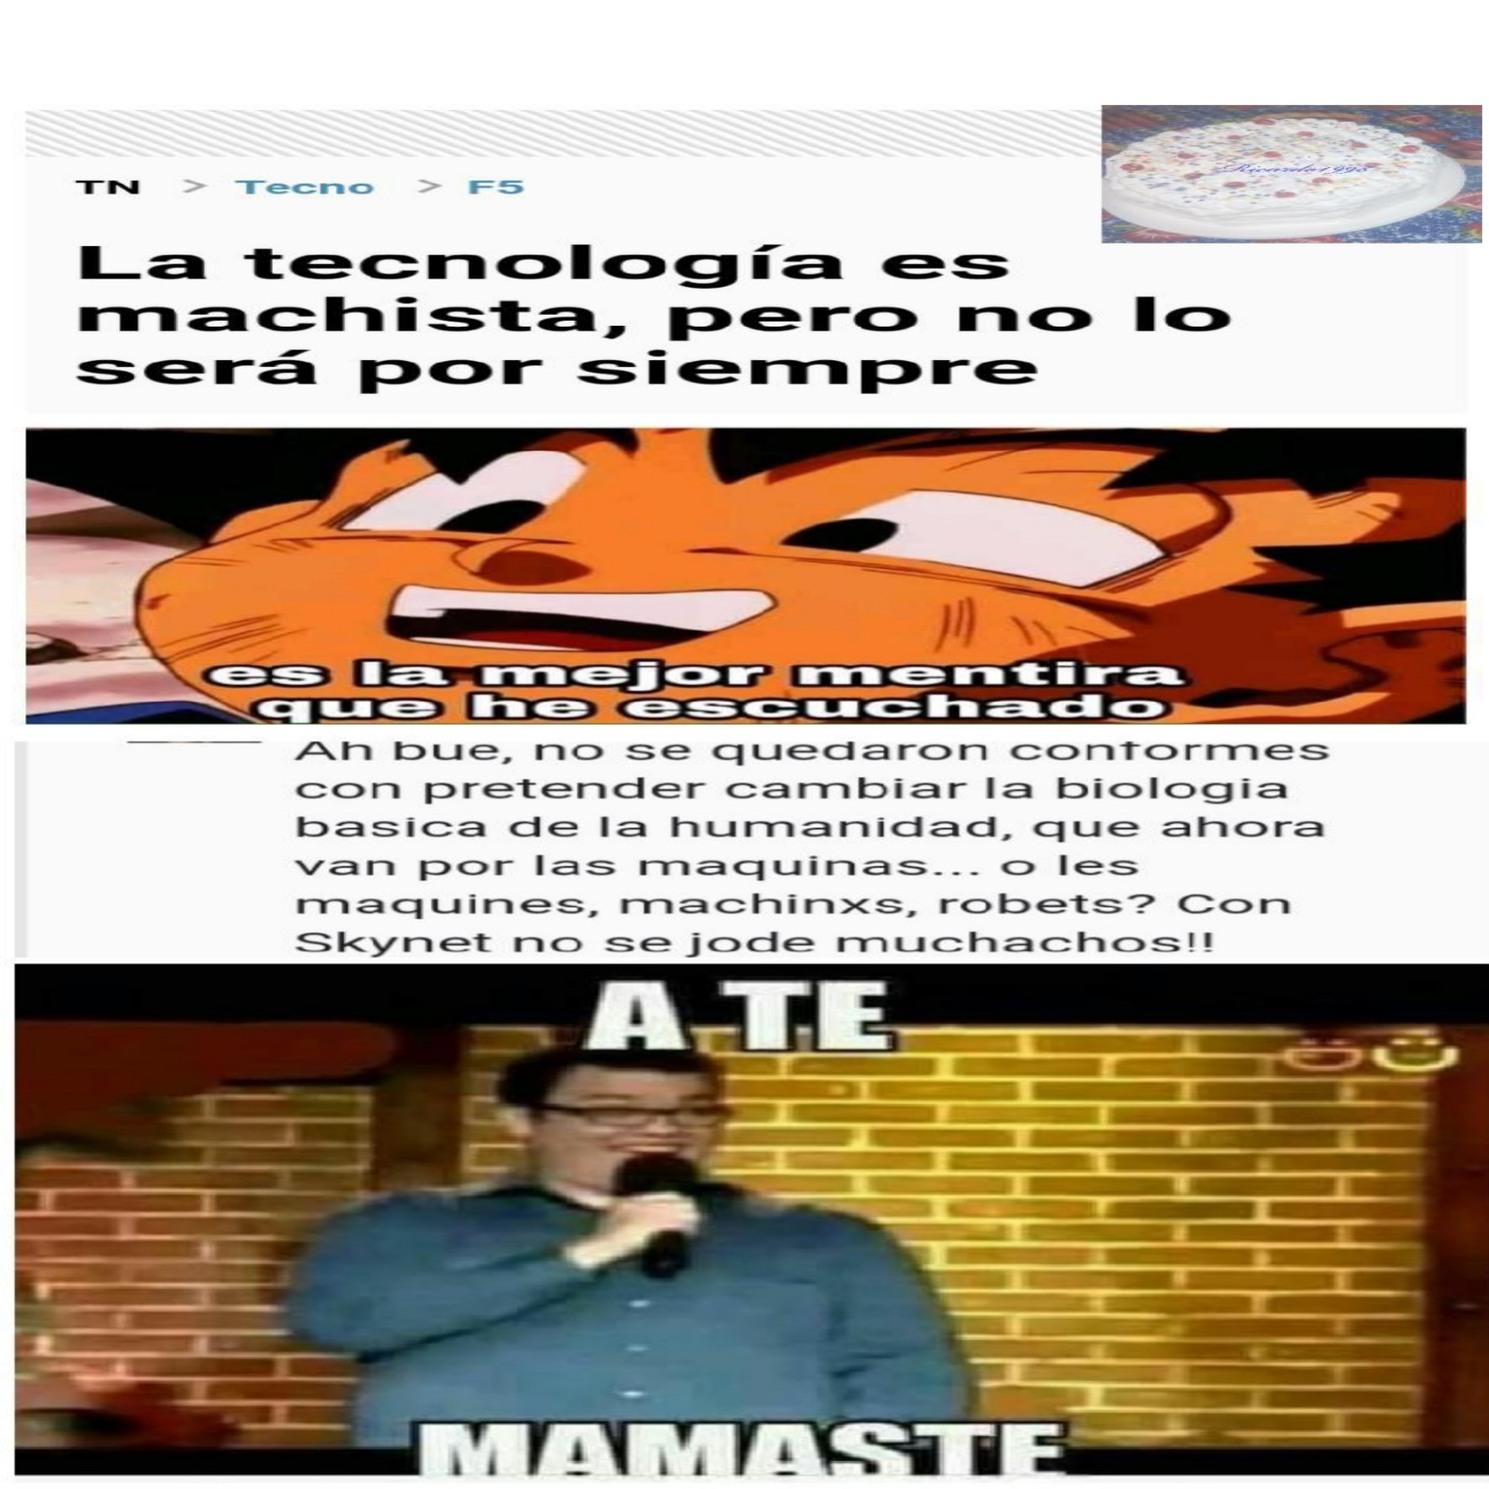 Al fin la razón de porque Skynet nos odia,no quiere contagiarse de nuestra estúpidez - meme